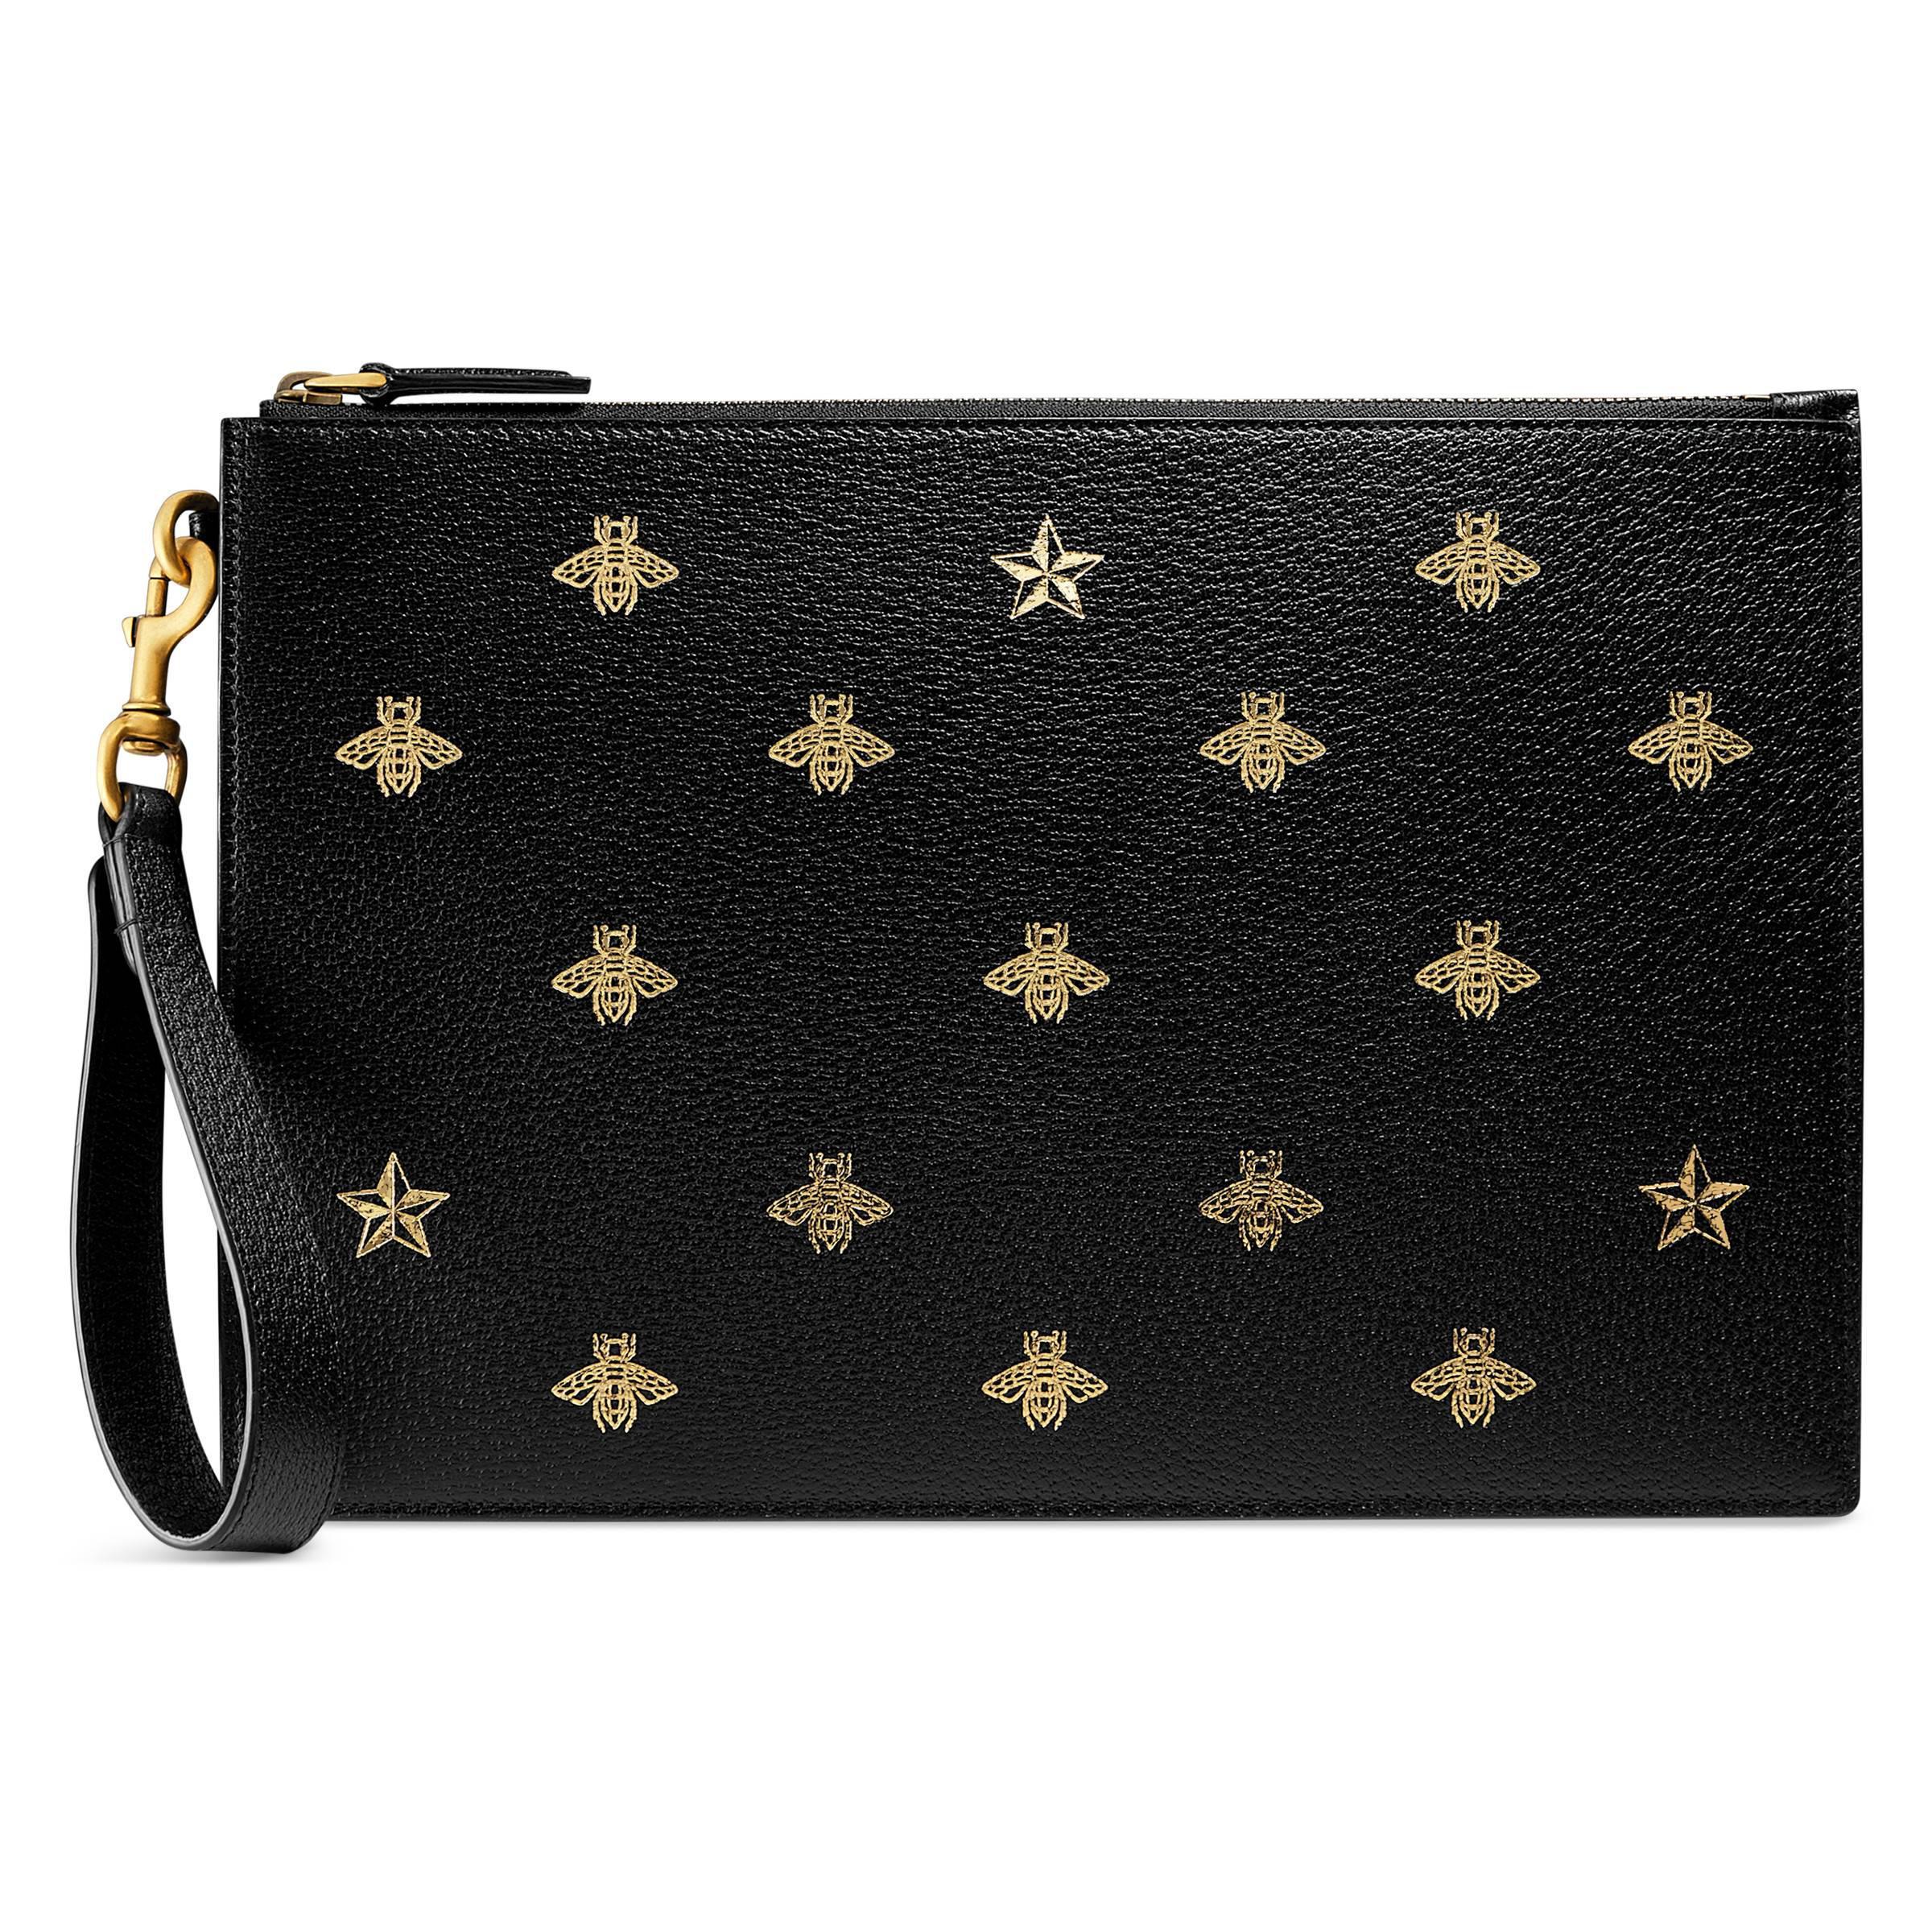 Lyst - Pochette en cuir Bee Star Gucci pour homme en coloris Noir 87b8fd703fd